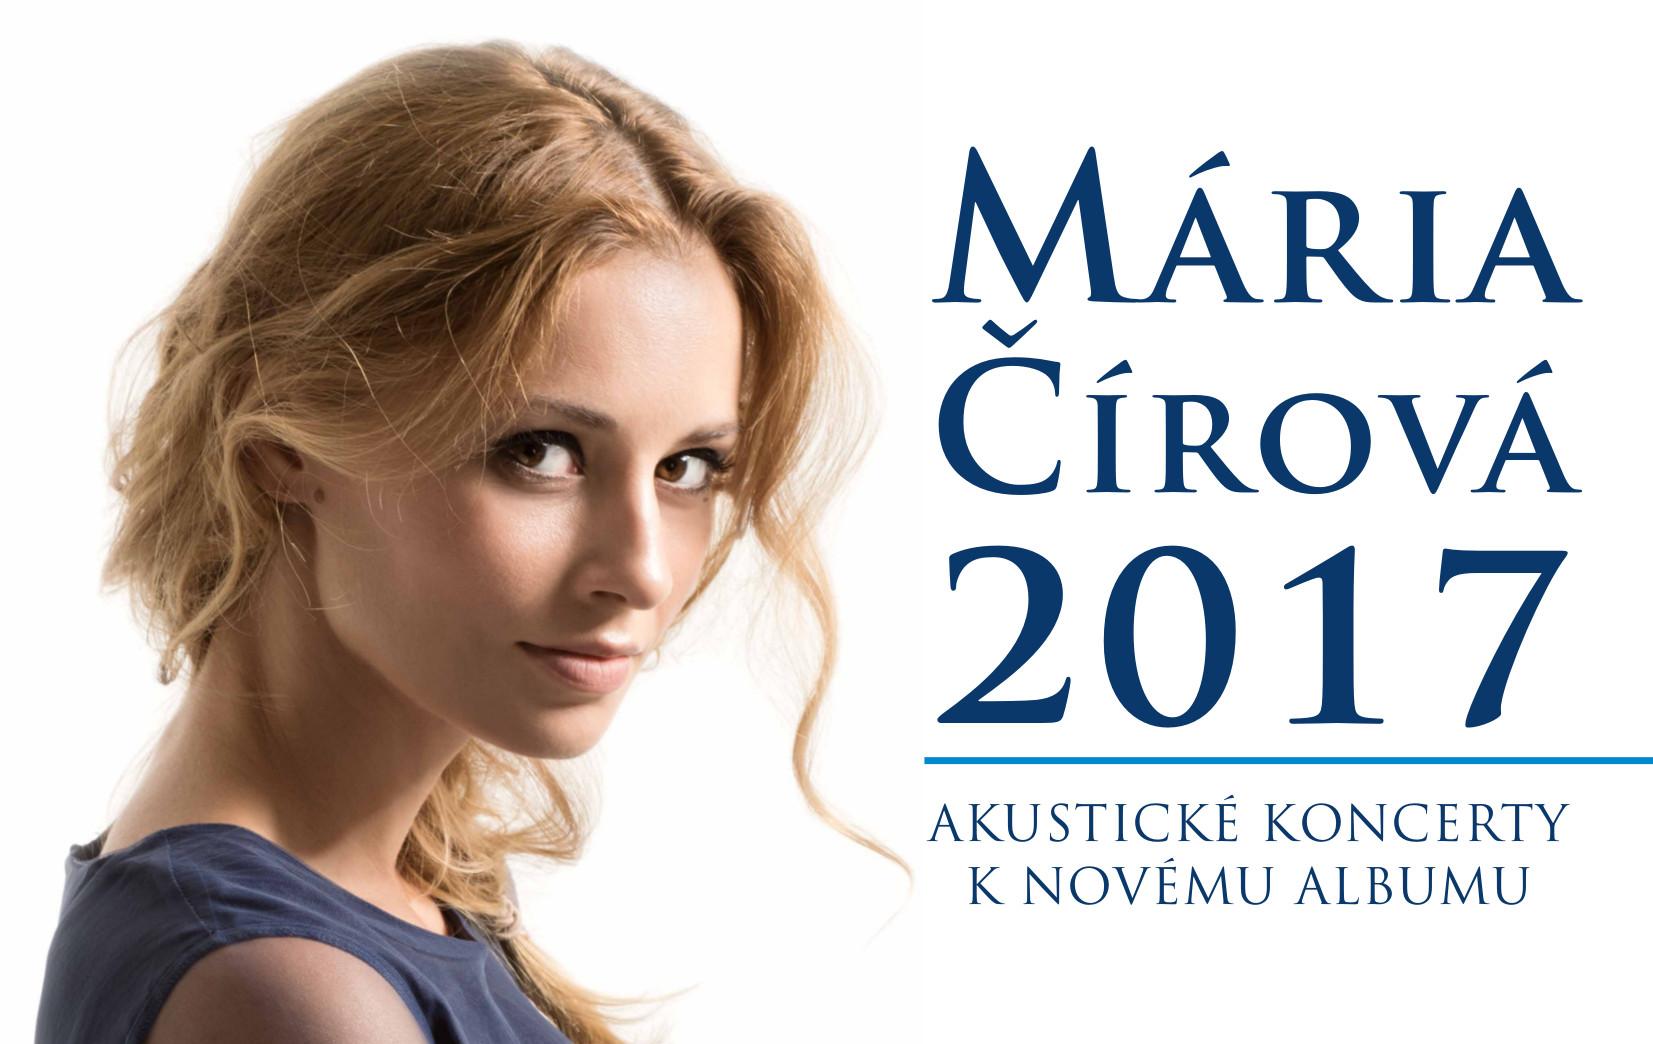 bae8f0c811 MÁRIA ČÍROVÁ  2017 Akustické koncerty k - Kam v meste